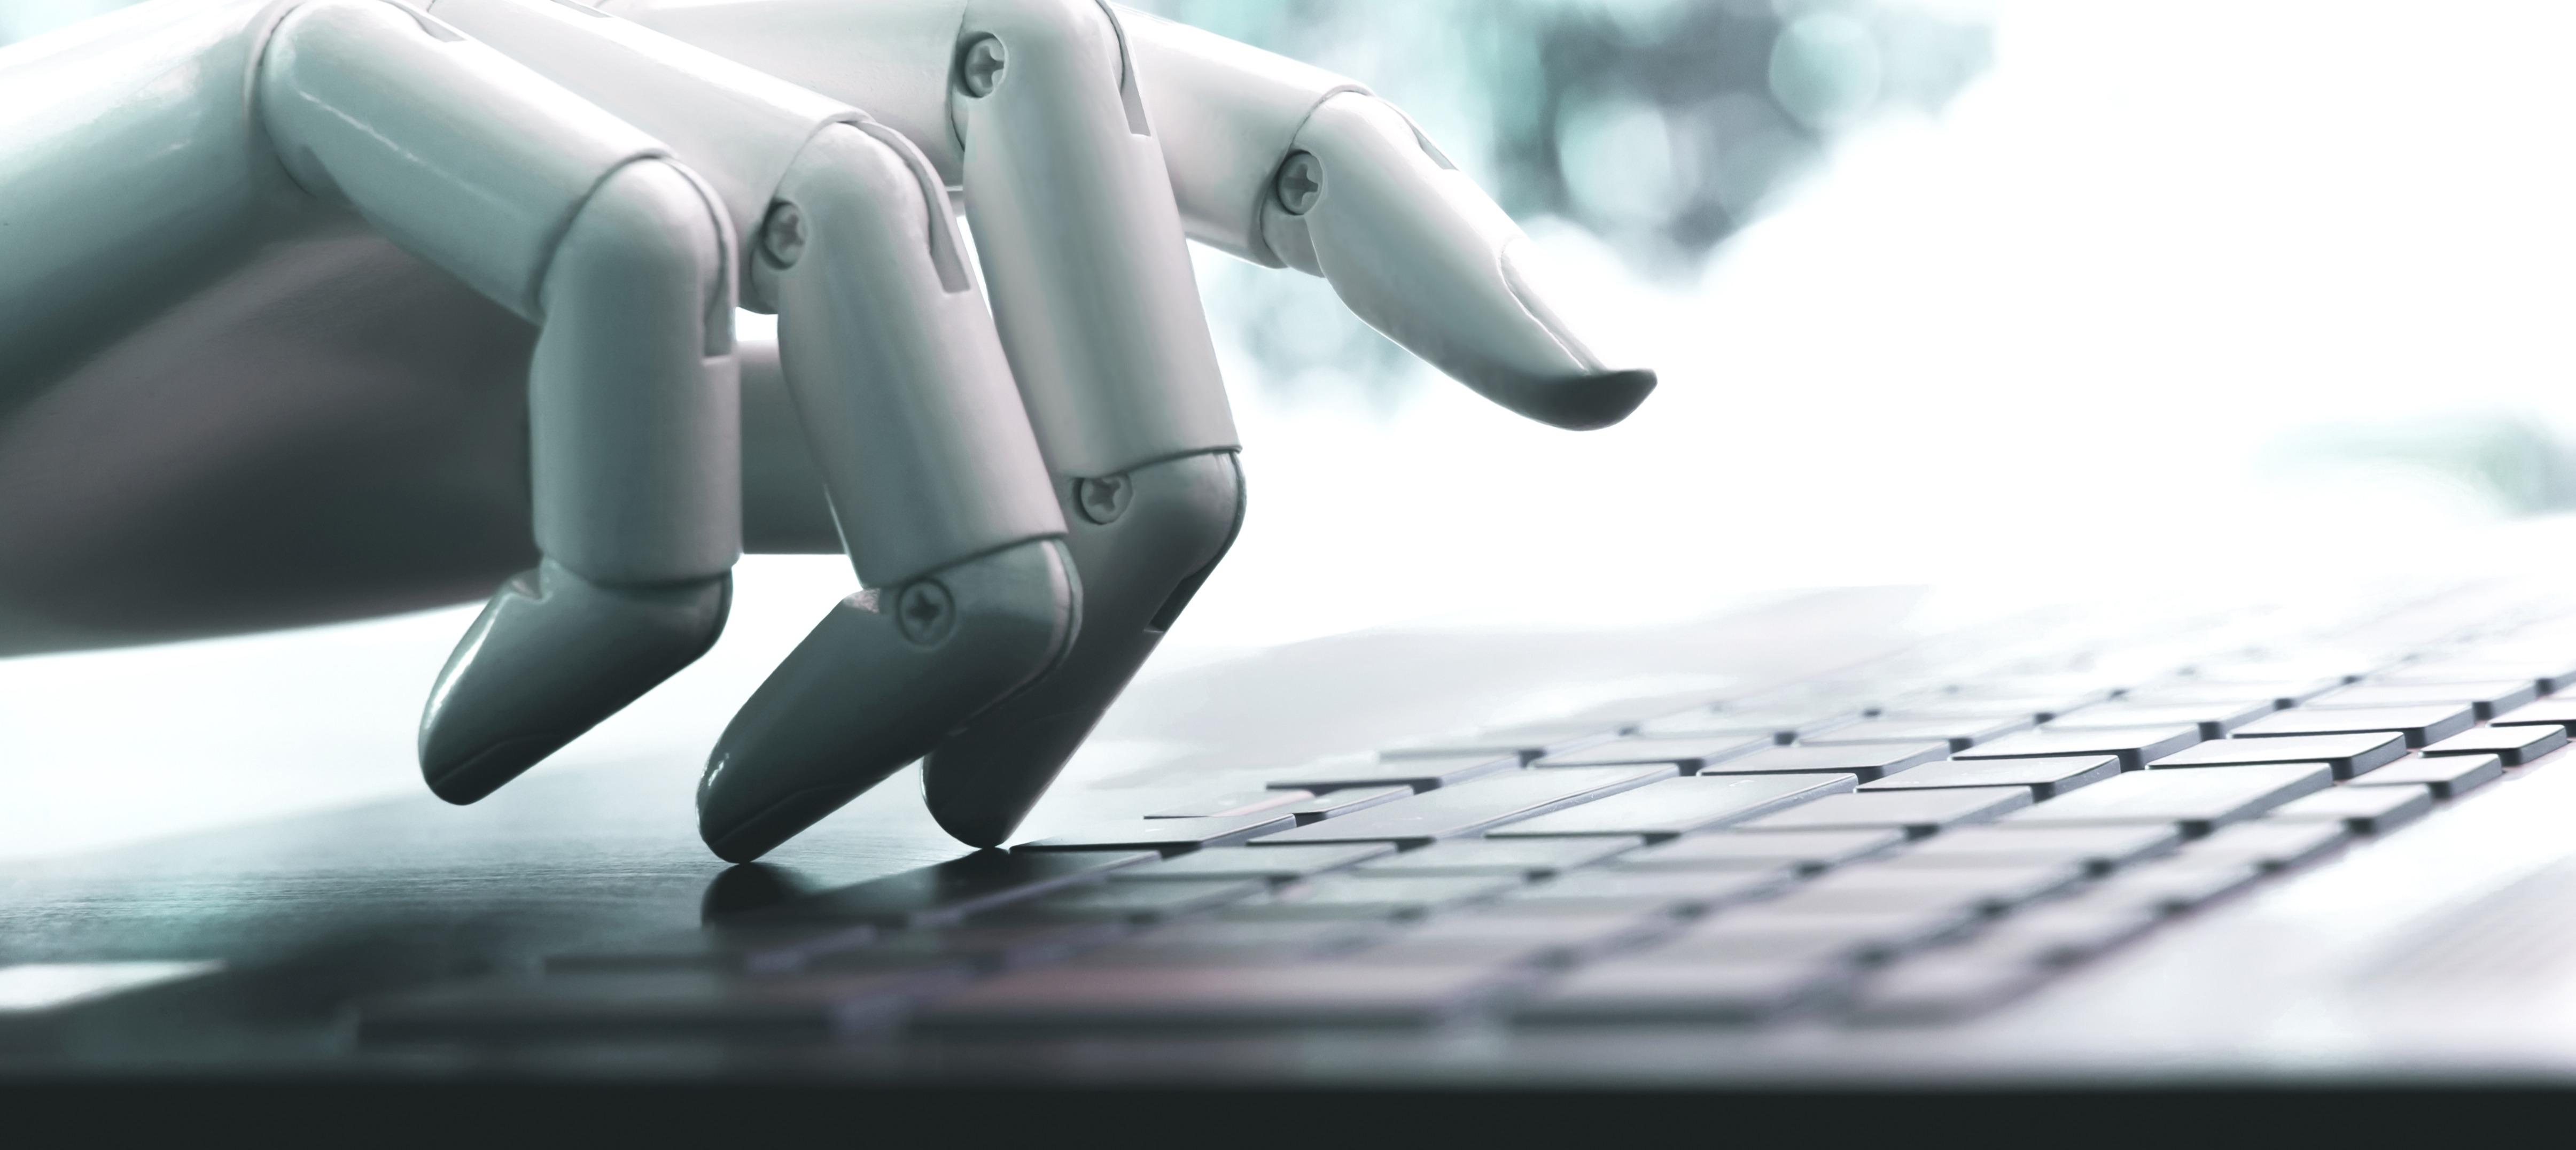 News Socio Aib - DynDevice LMS e Intelligenza Artificiale: pubblicazione su rivista scientifica internazionale del paper sul nuovo Chatbot